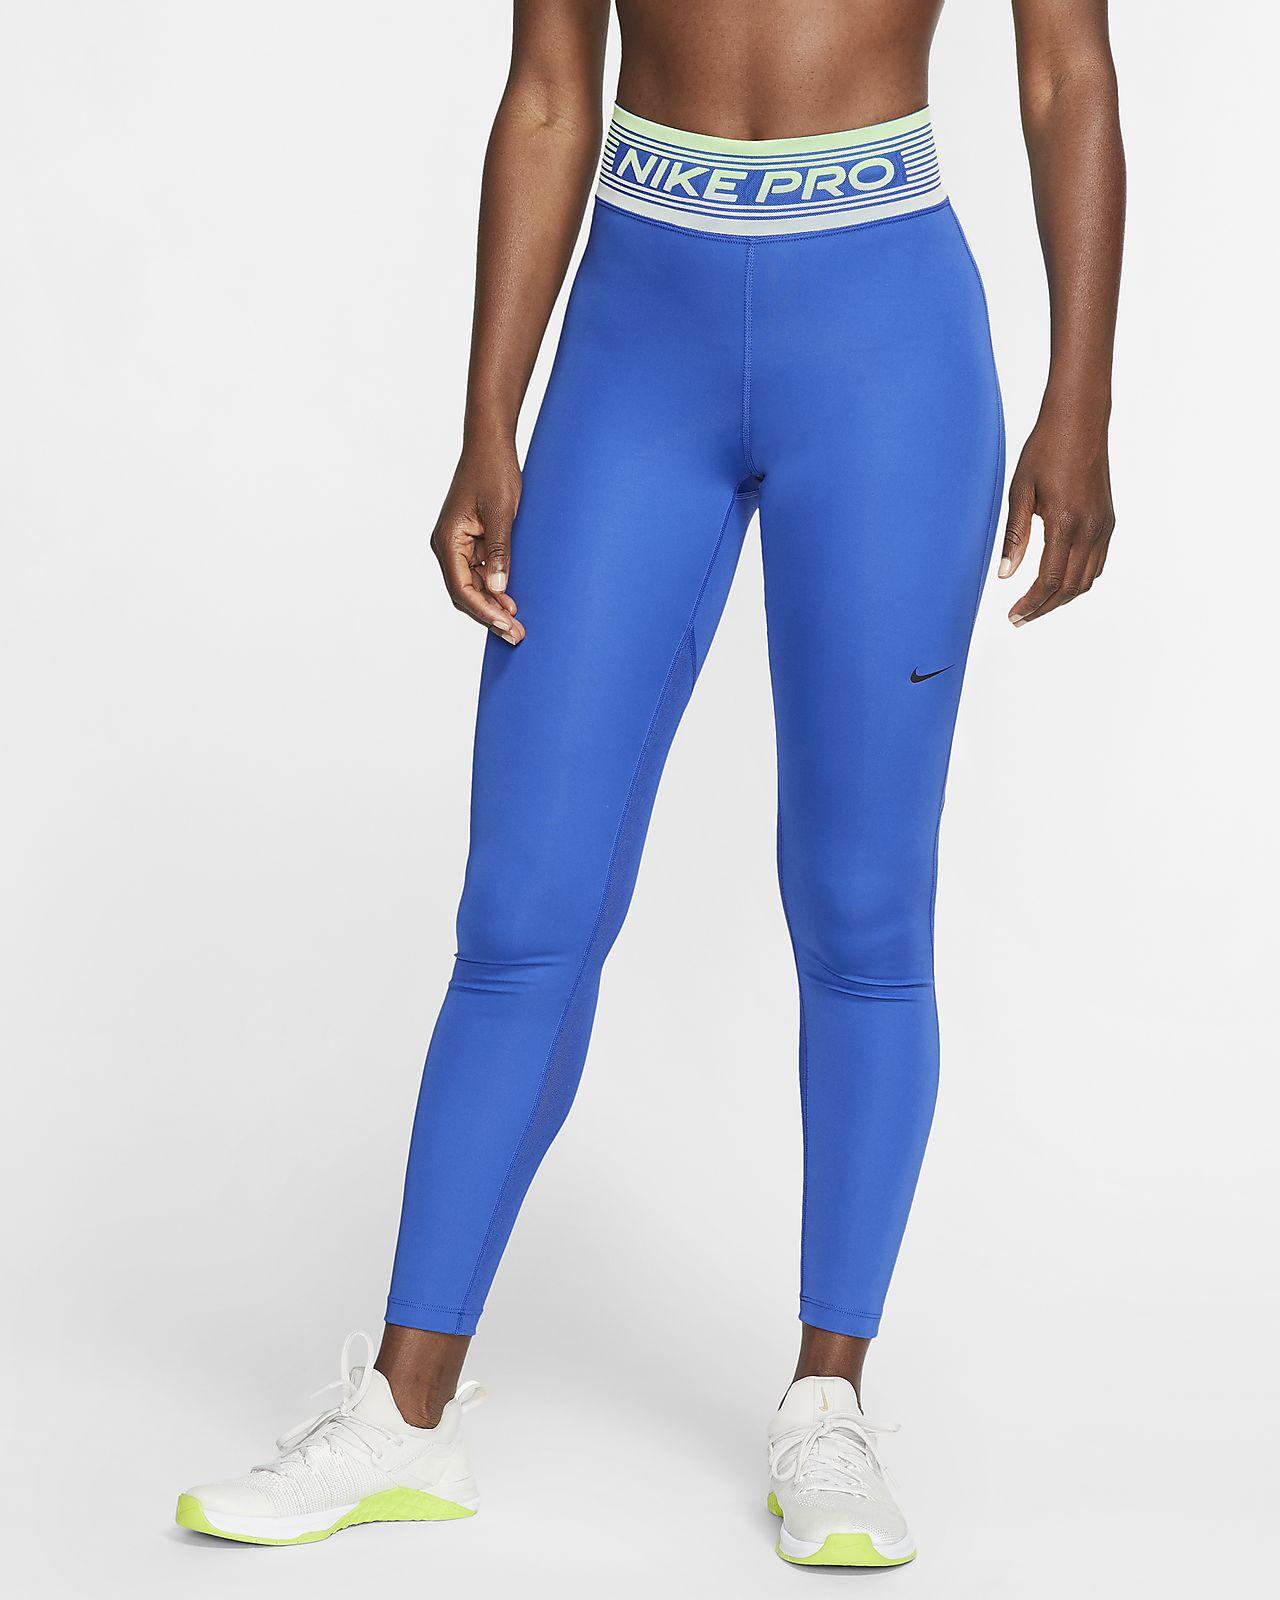 Legginsy damskie Nike Pro